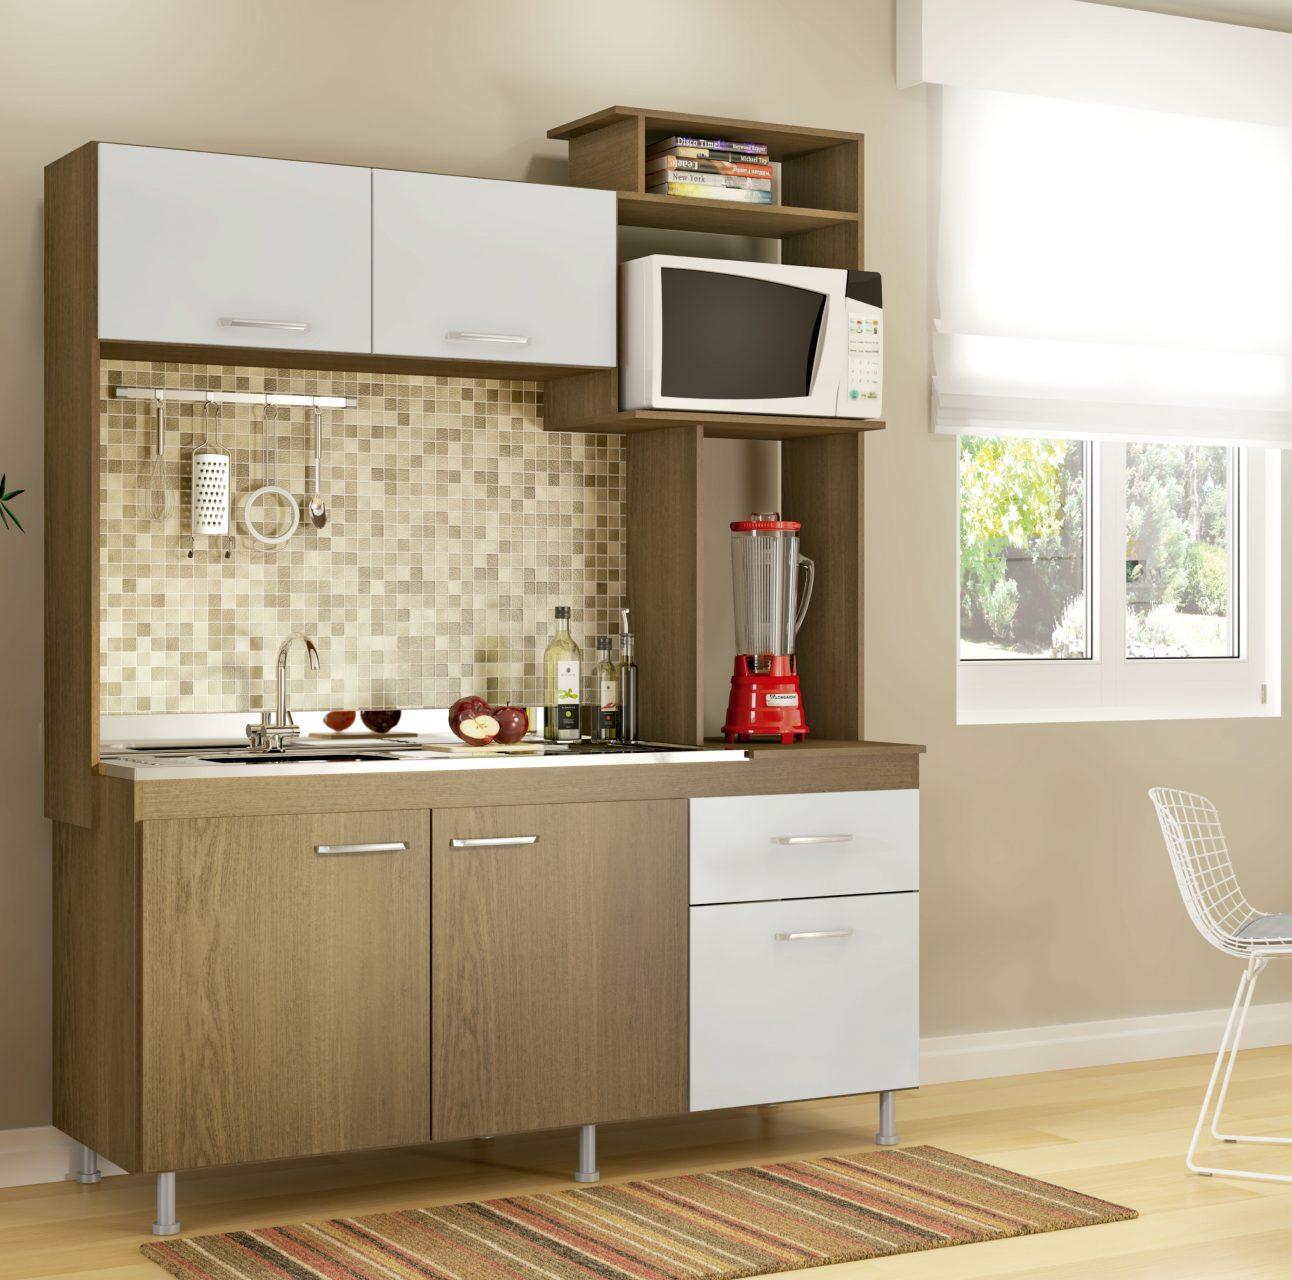 Muebles Cocina bajo mesada aereo 5 puertas Multiuso 308 - Muebles ...